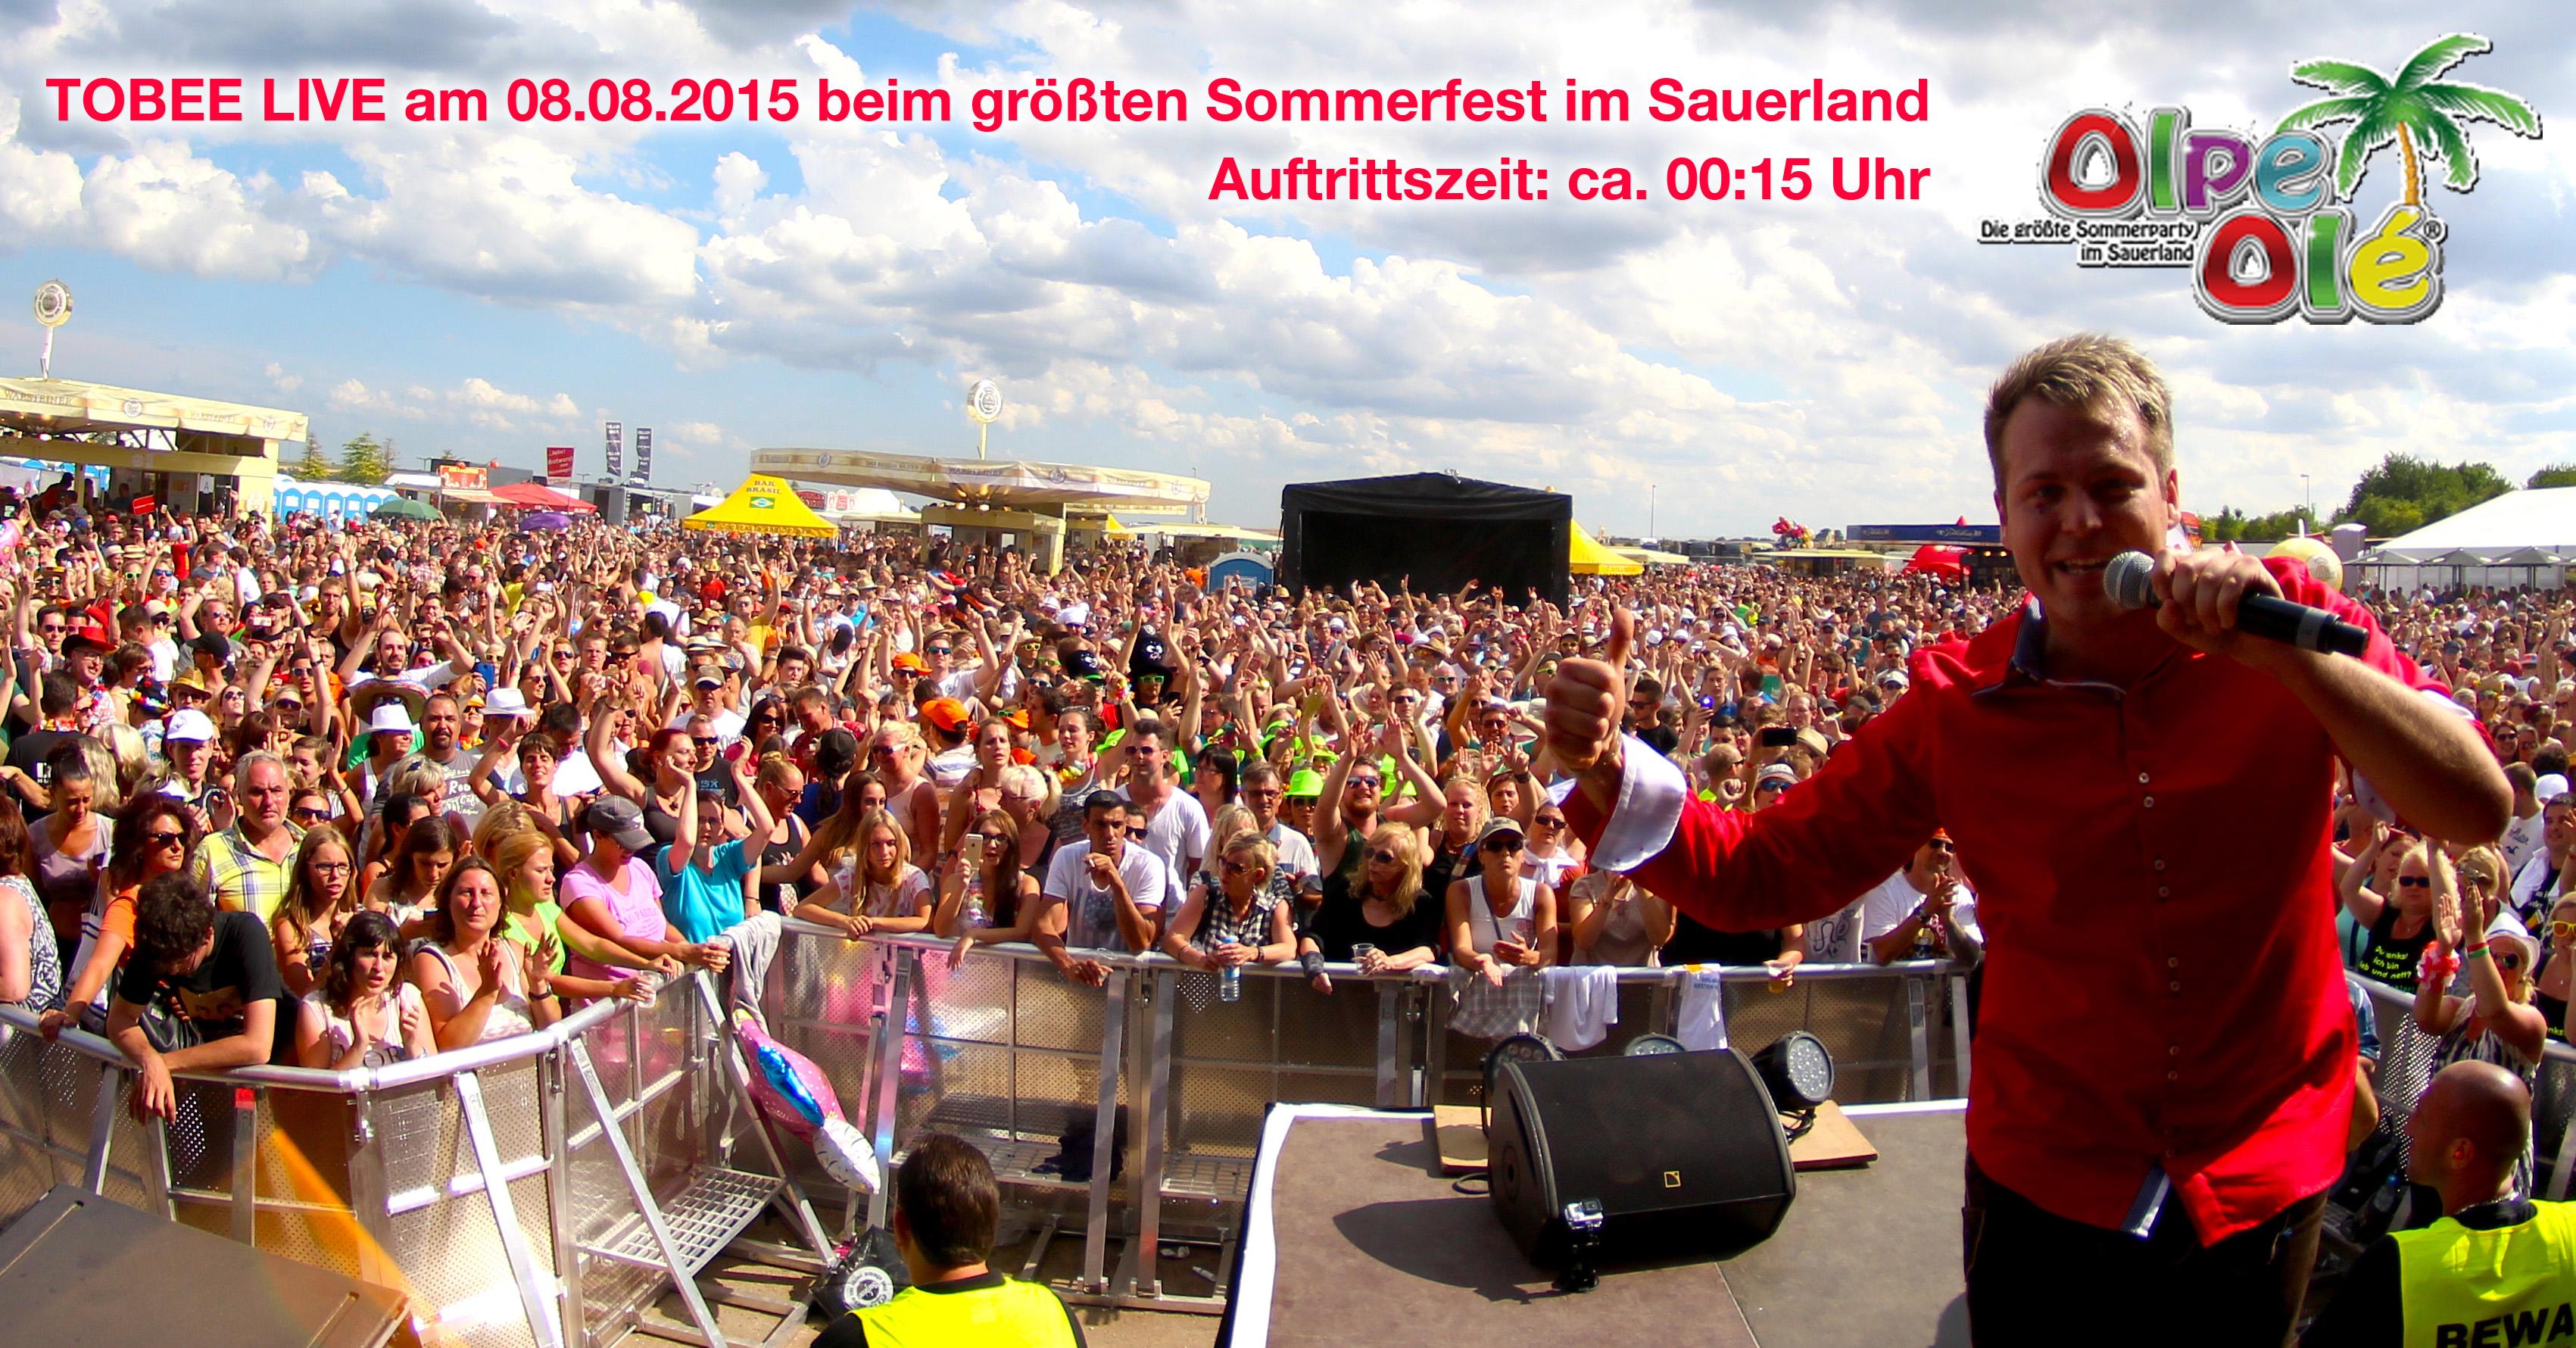 www.tobee.de